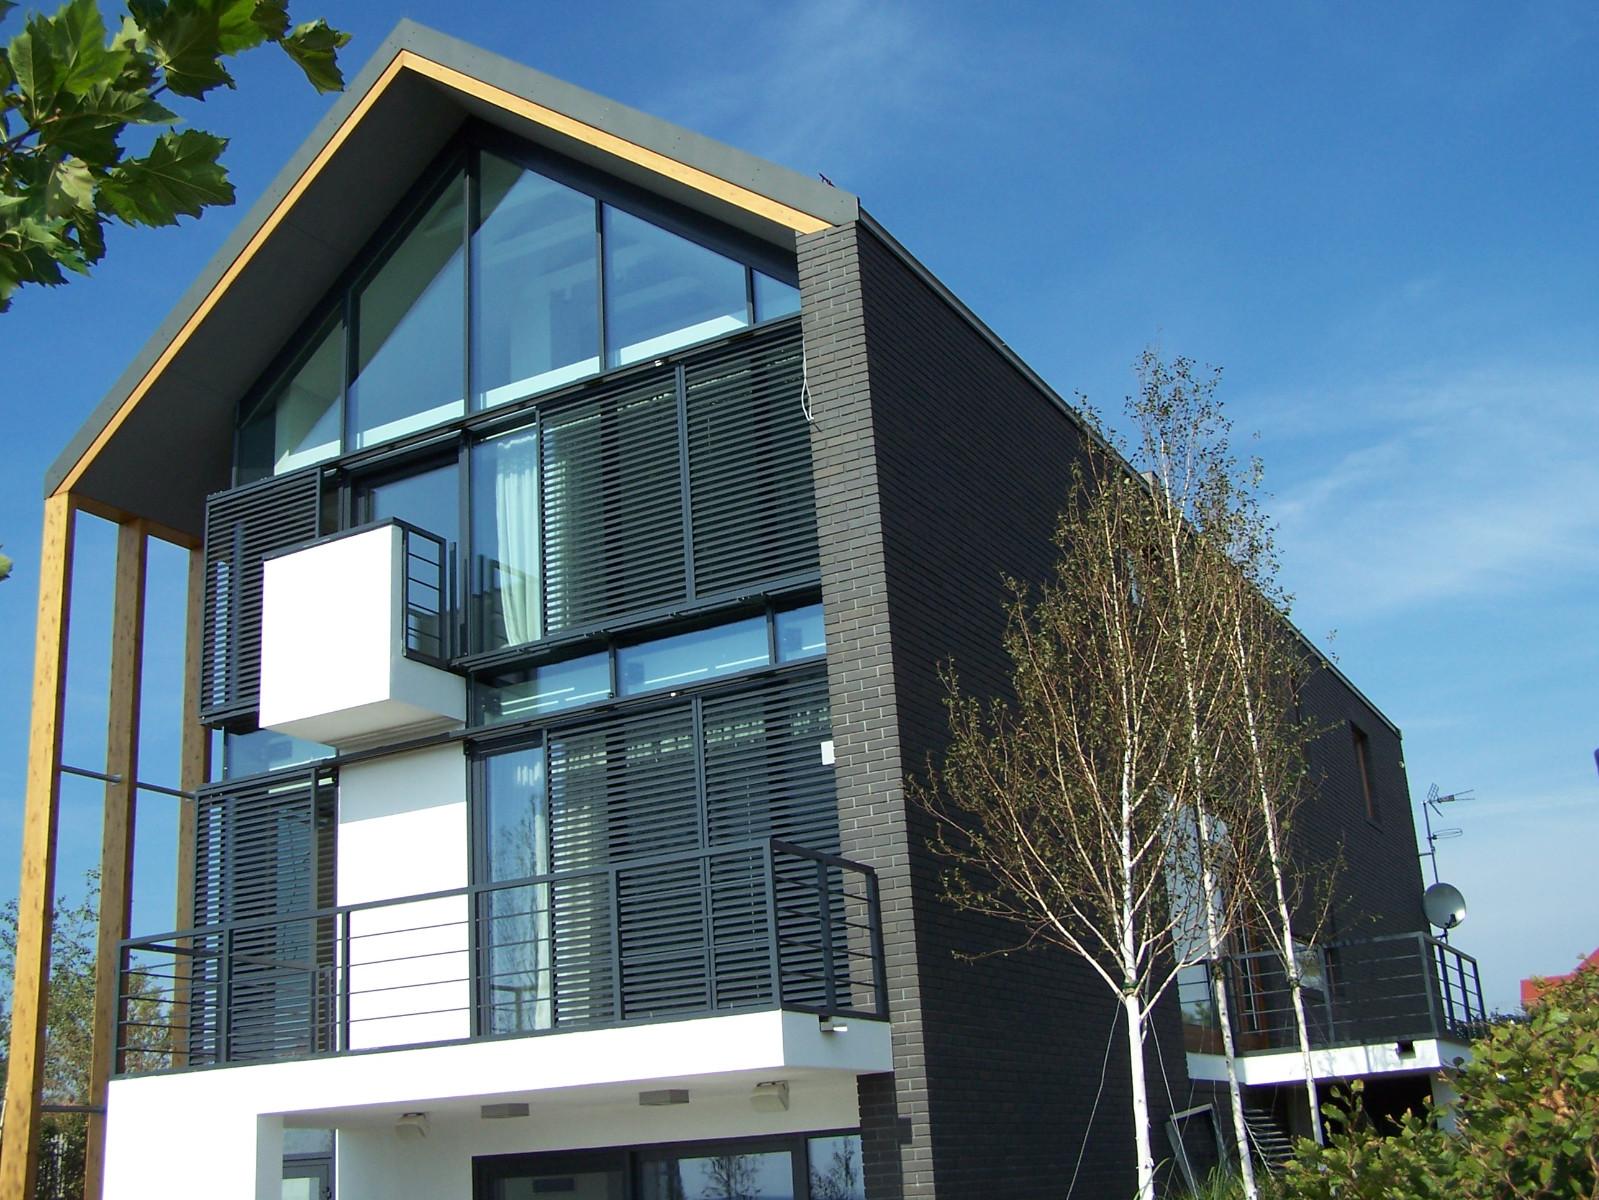 ogród zimowy, oranżeria, taras drewniany, fasada szklana